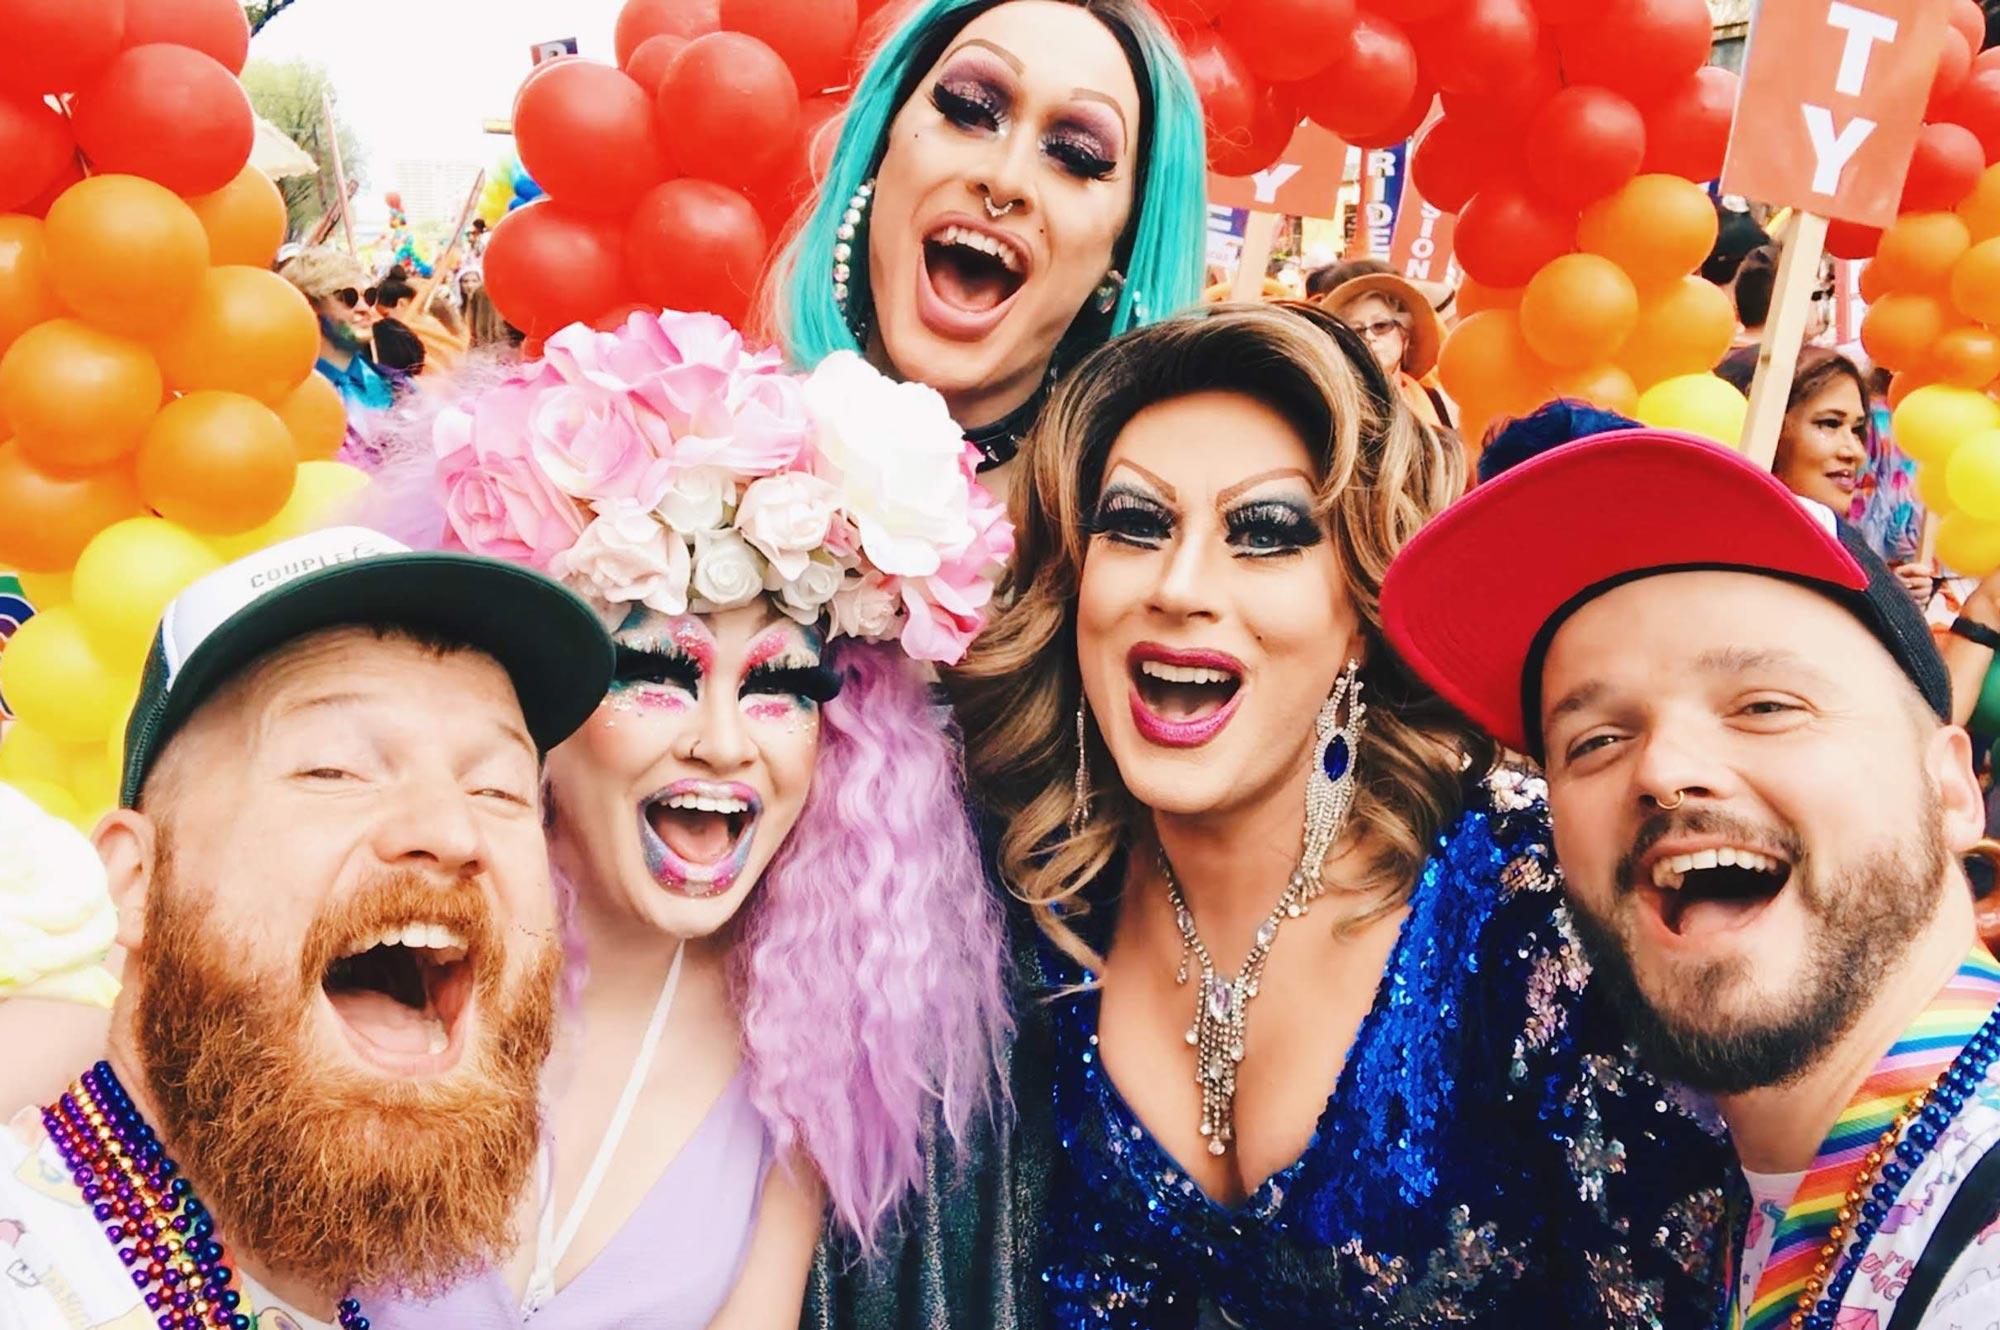 Tim kelly gay blog